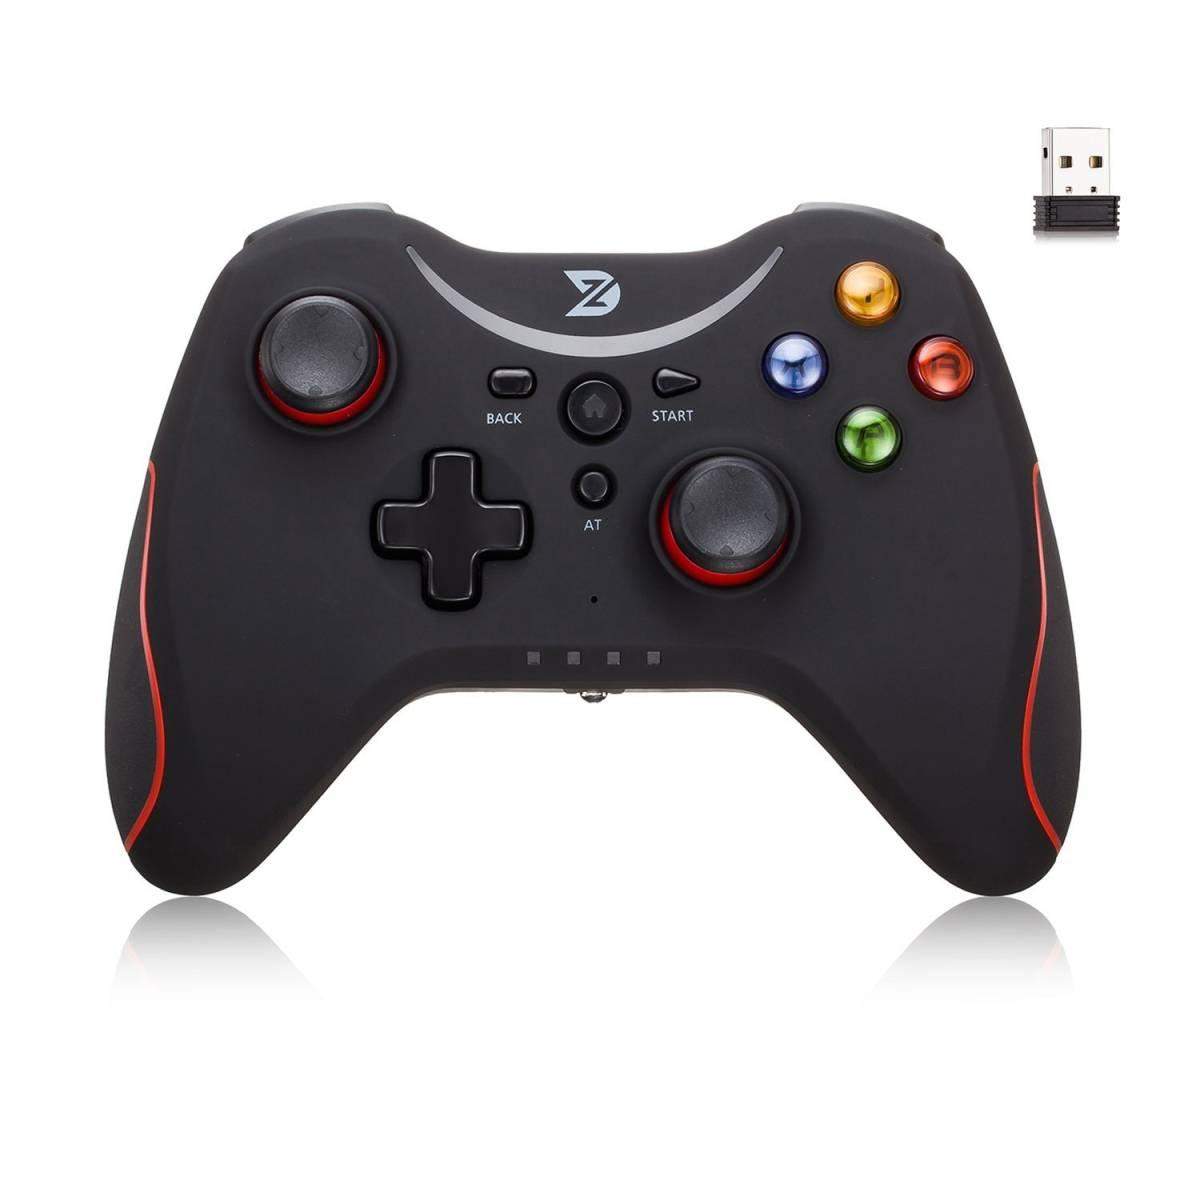 Nintendo Switch Proコントローラー ワイヤレスコントローラー ゲームパッド 無線 ニンテンドースイッチ,WIN XP/7/8/10